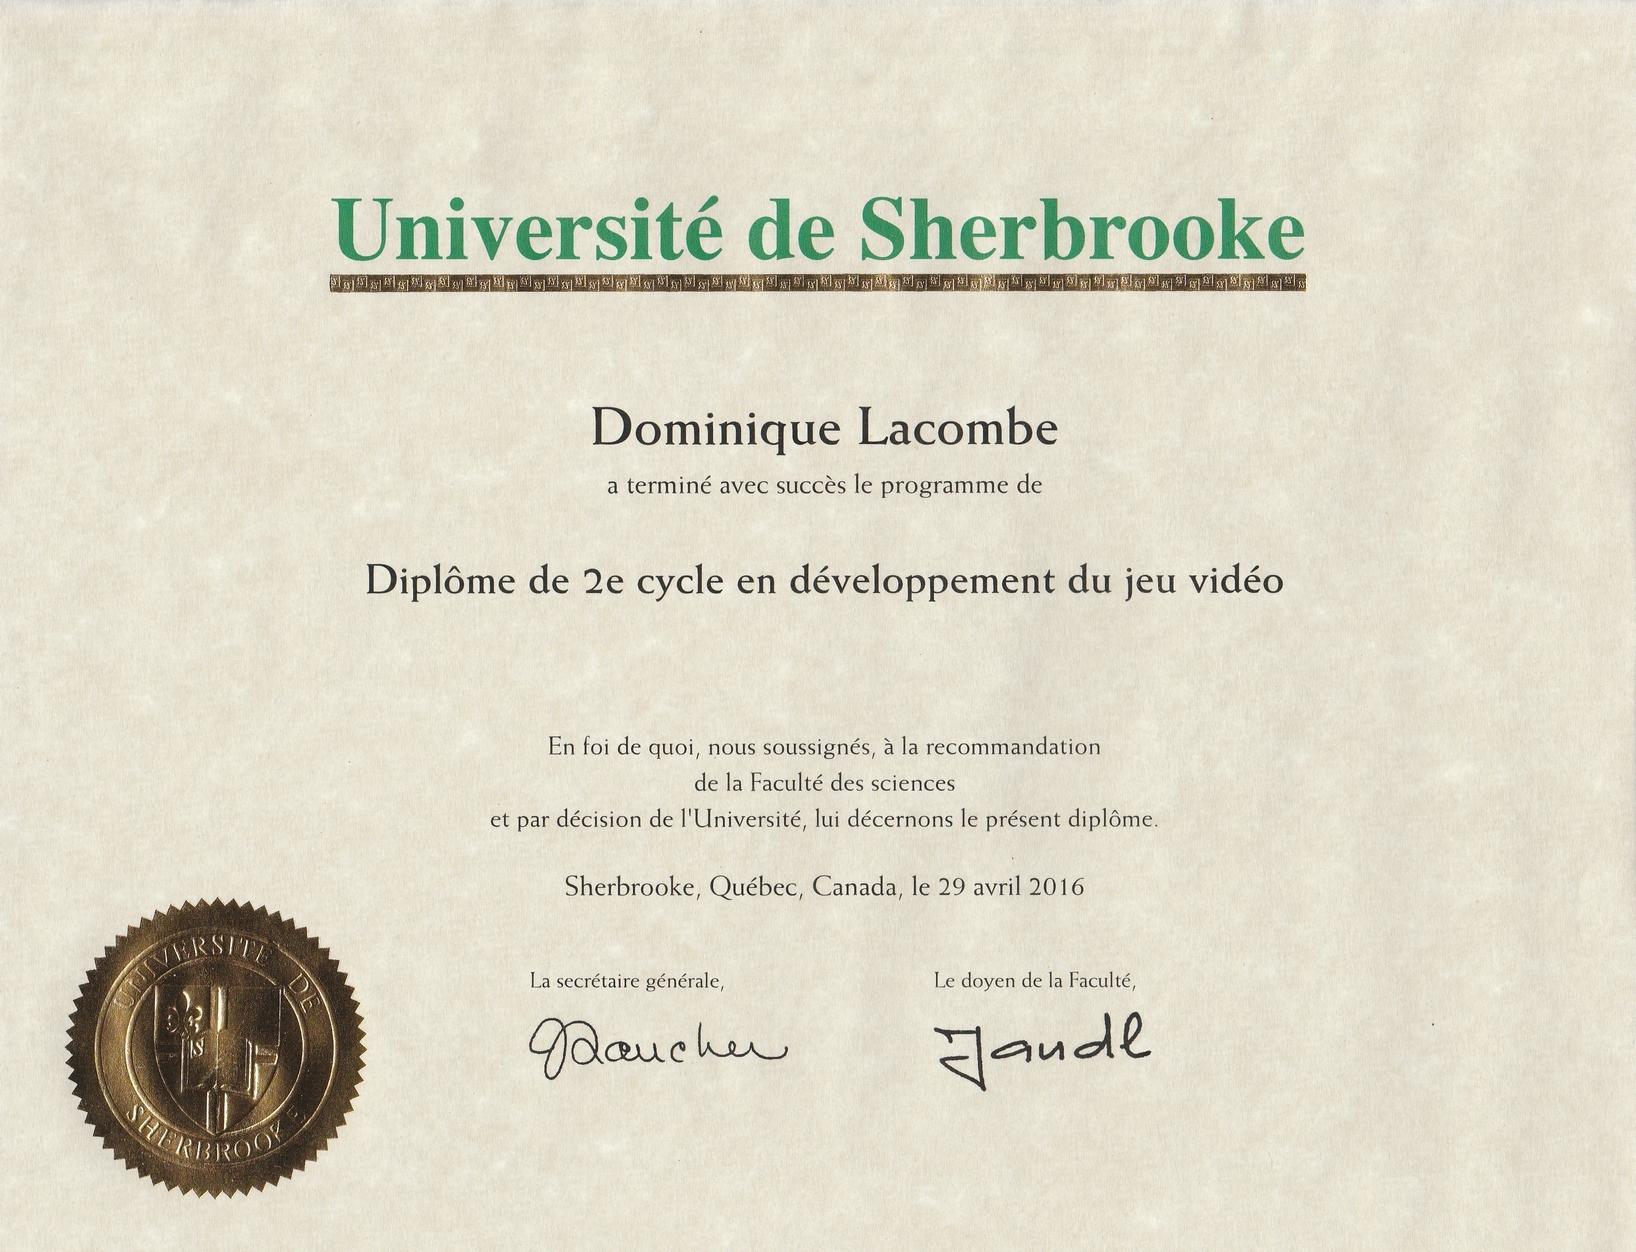 08-2015 - 06-2016 : DESS en Développement de Jeux Vidéo - Université de Sherbrooke (Montréal, Canada)